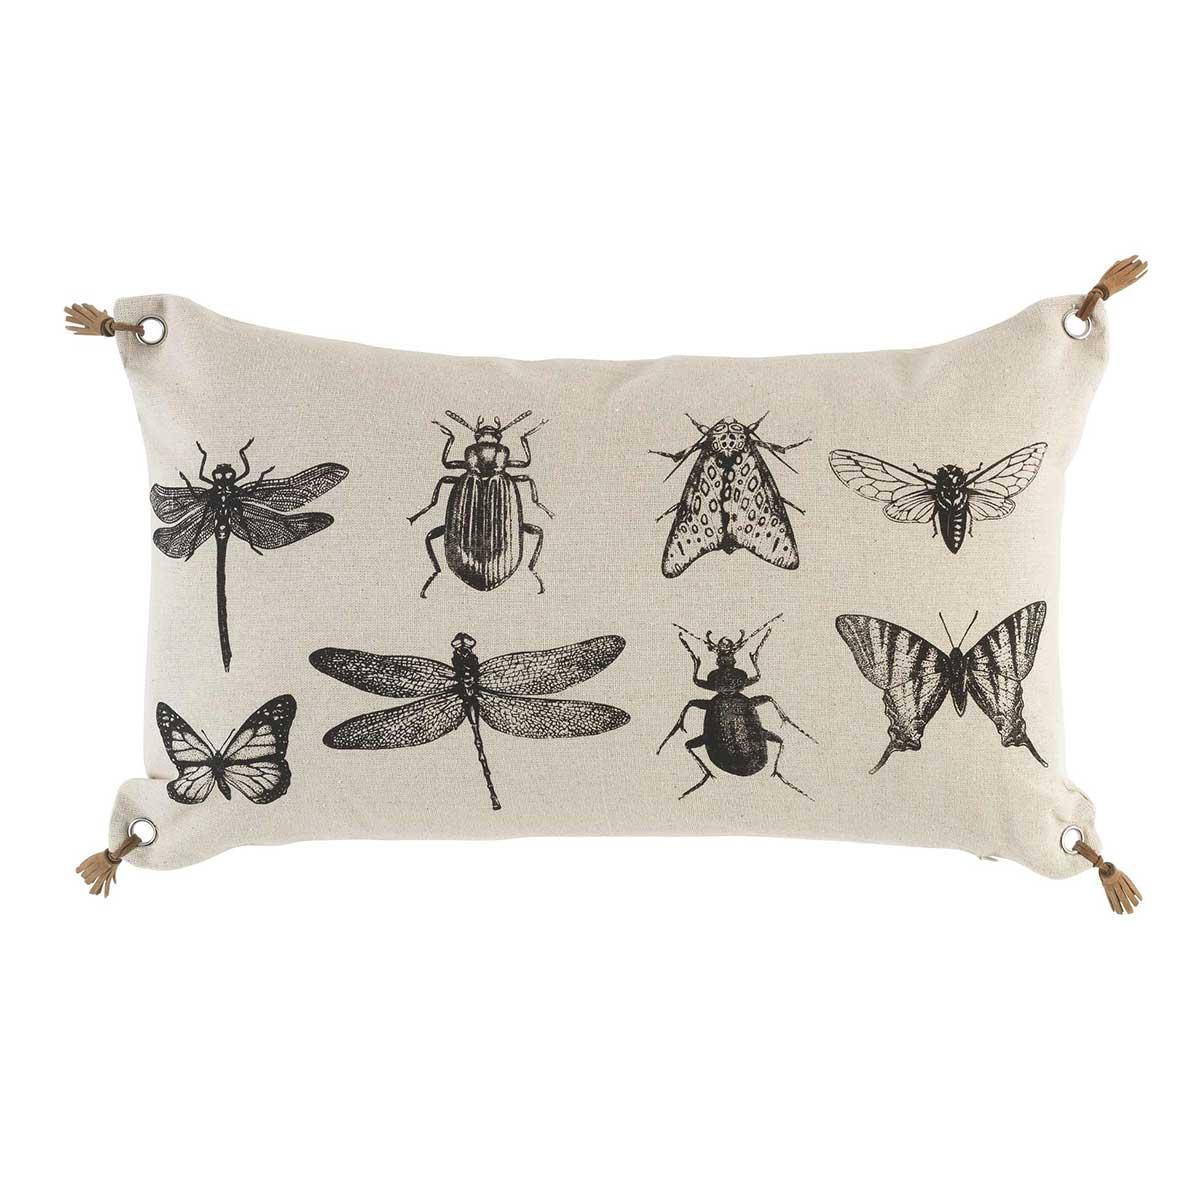 Coussin imprimé d'insectes à pompons de cuir polyester naturel 50x30